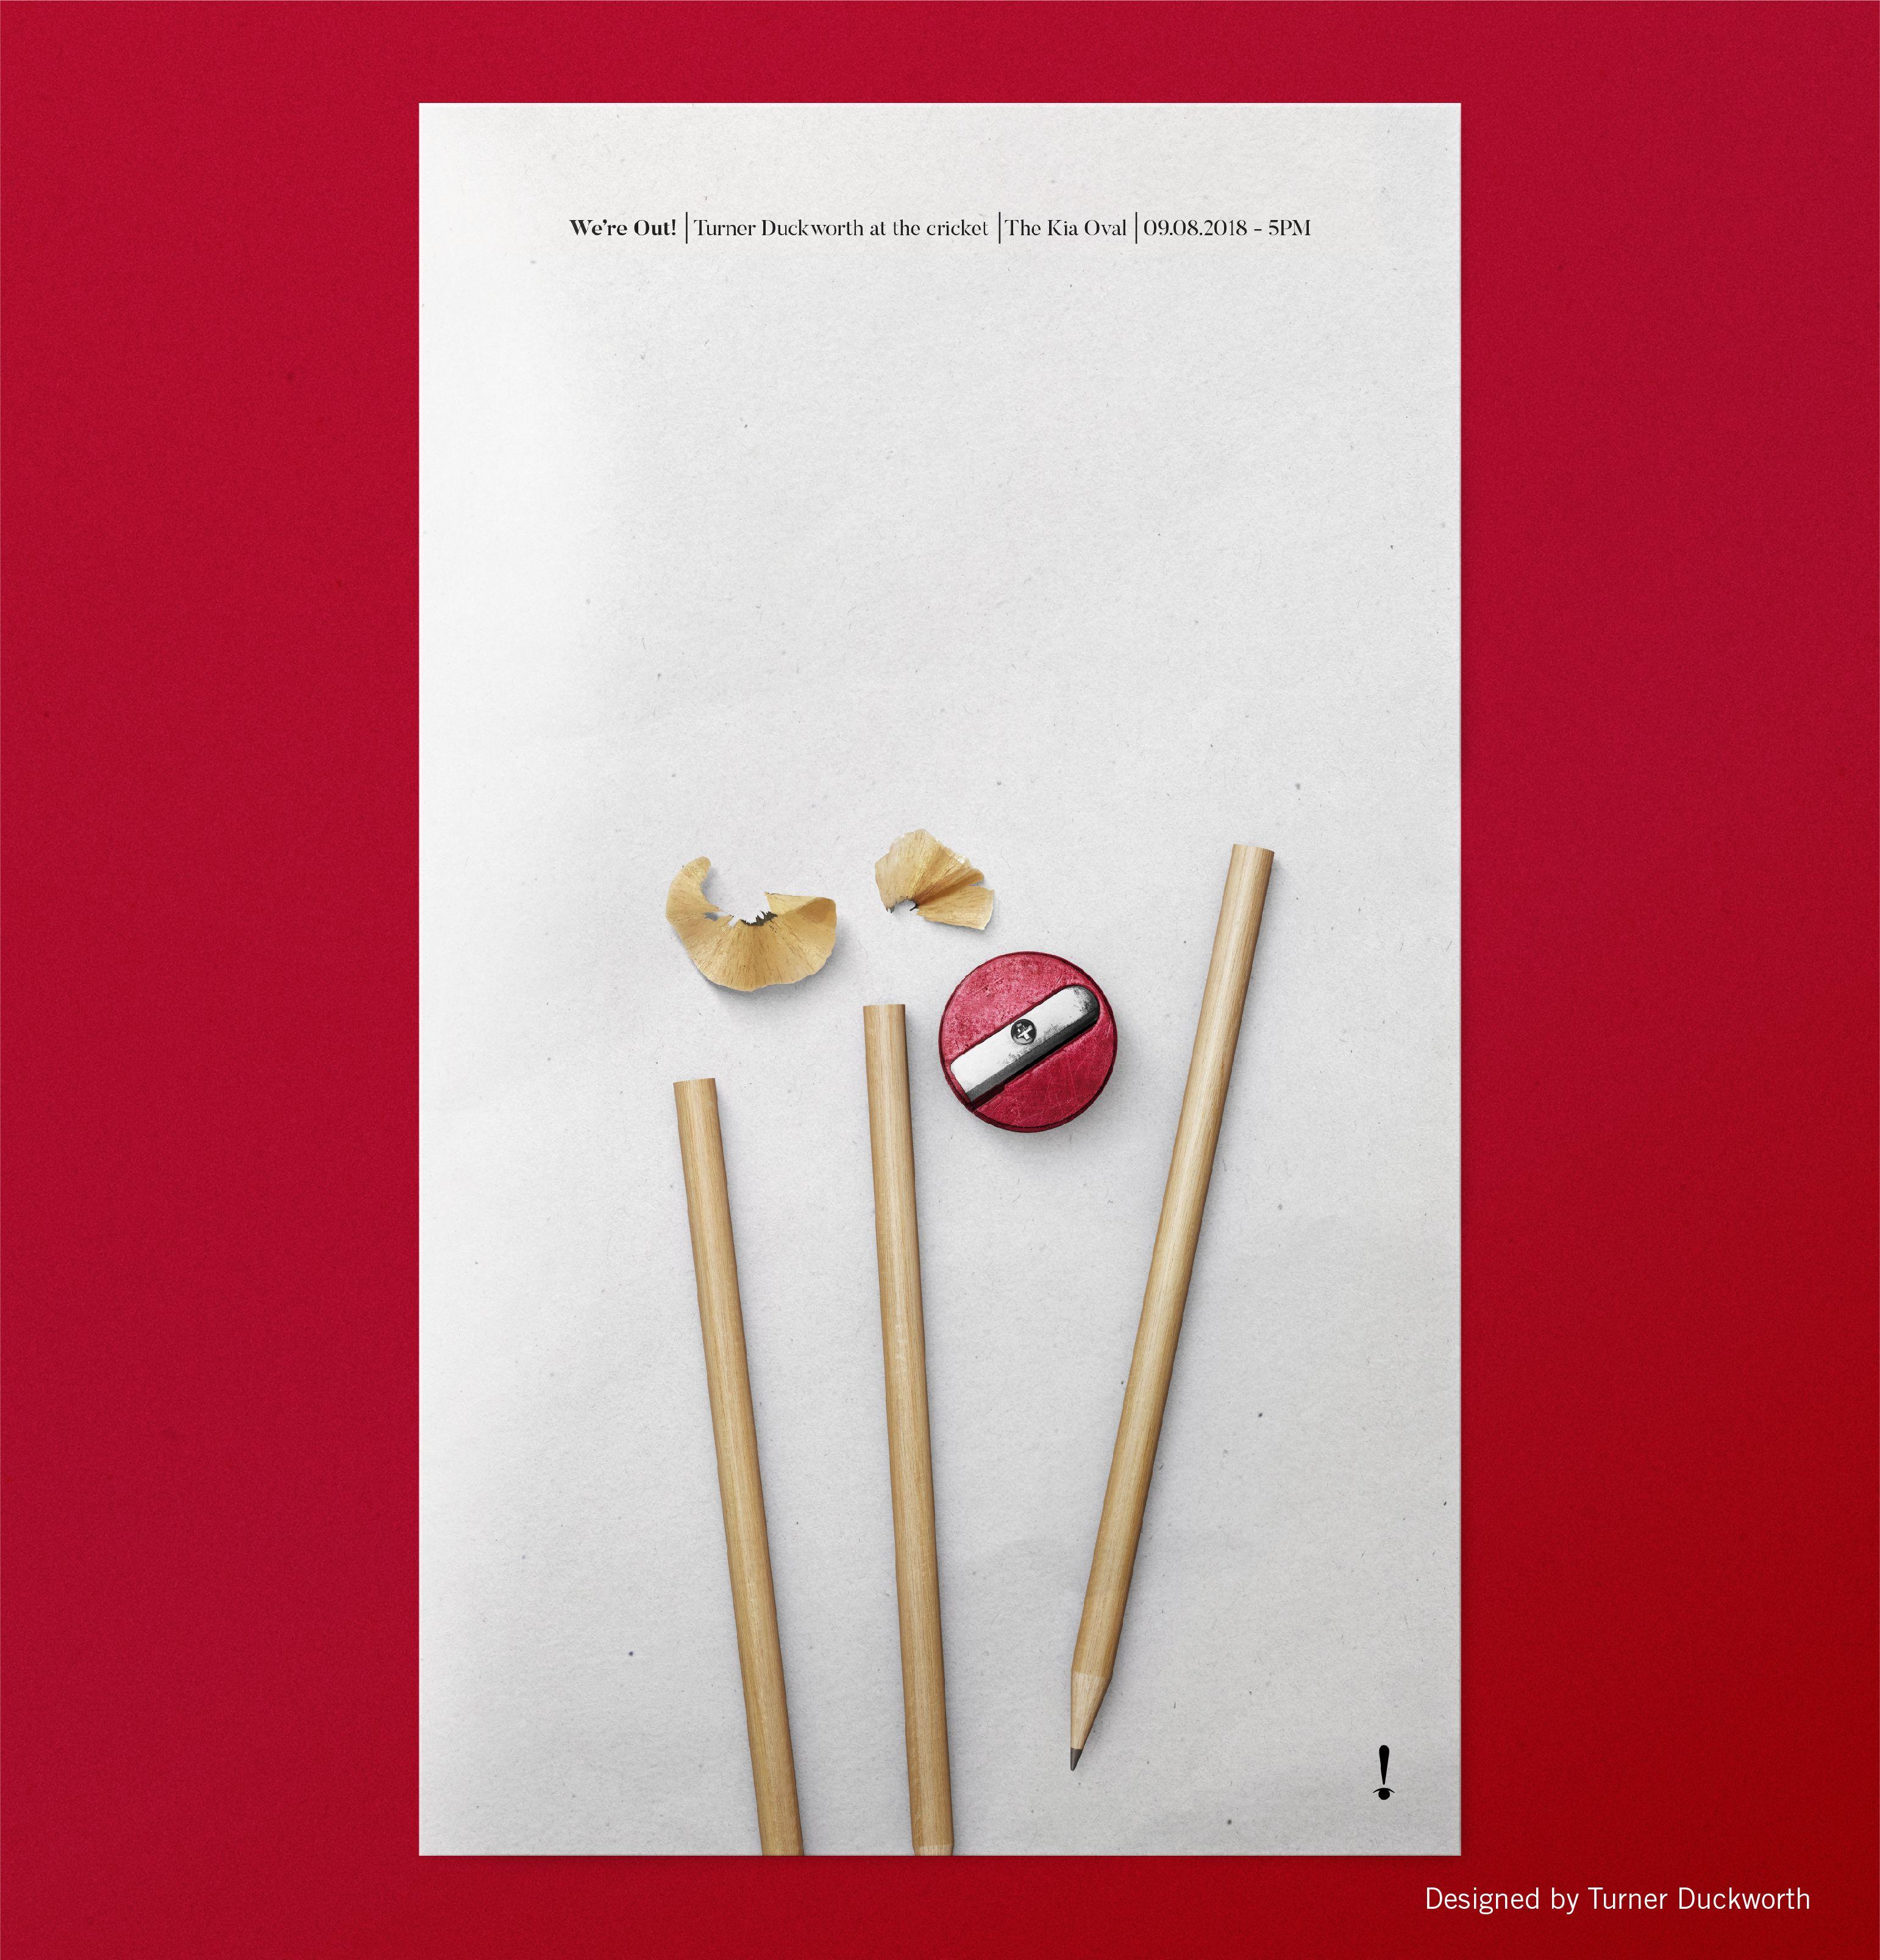 Turner Duckworth Cricket Poster In 2020 Cricket Poster Turner Design